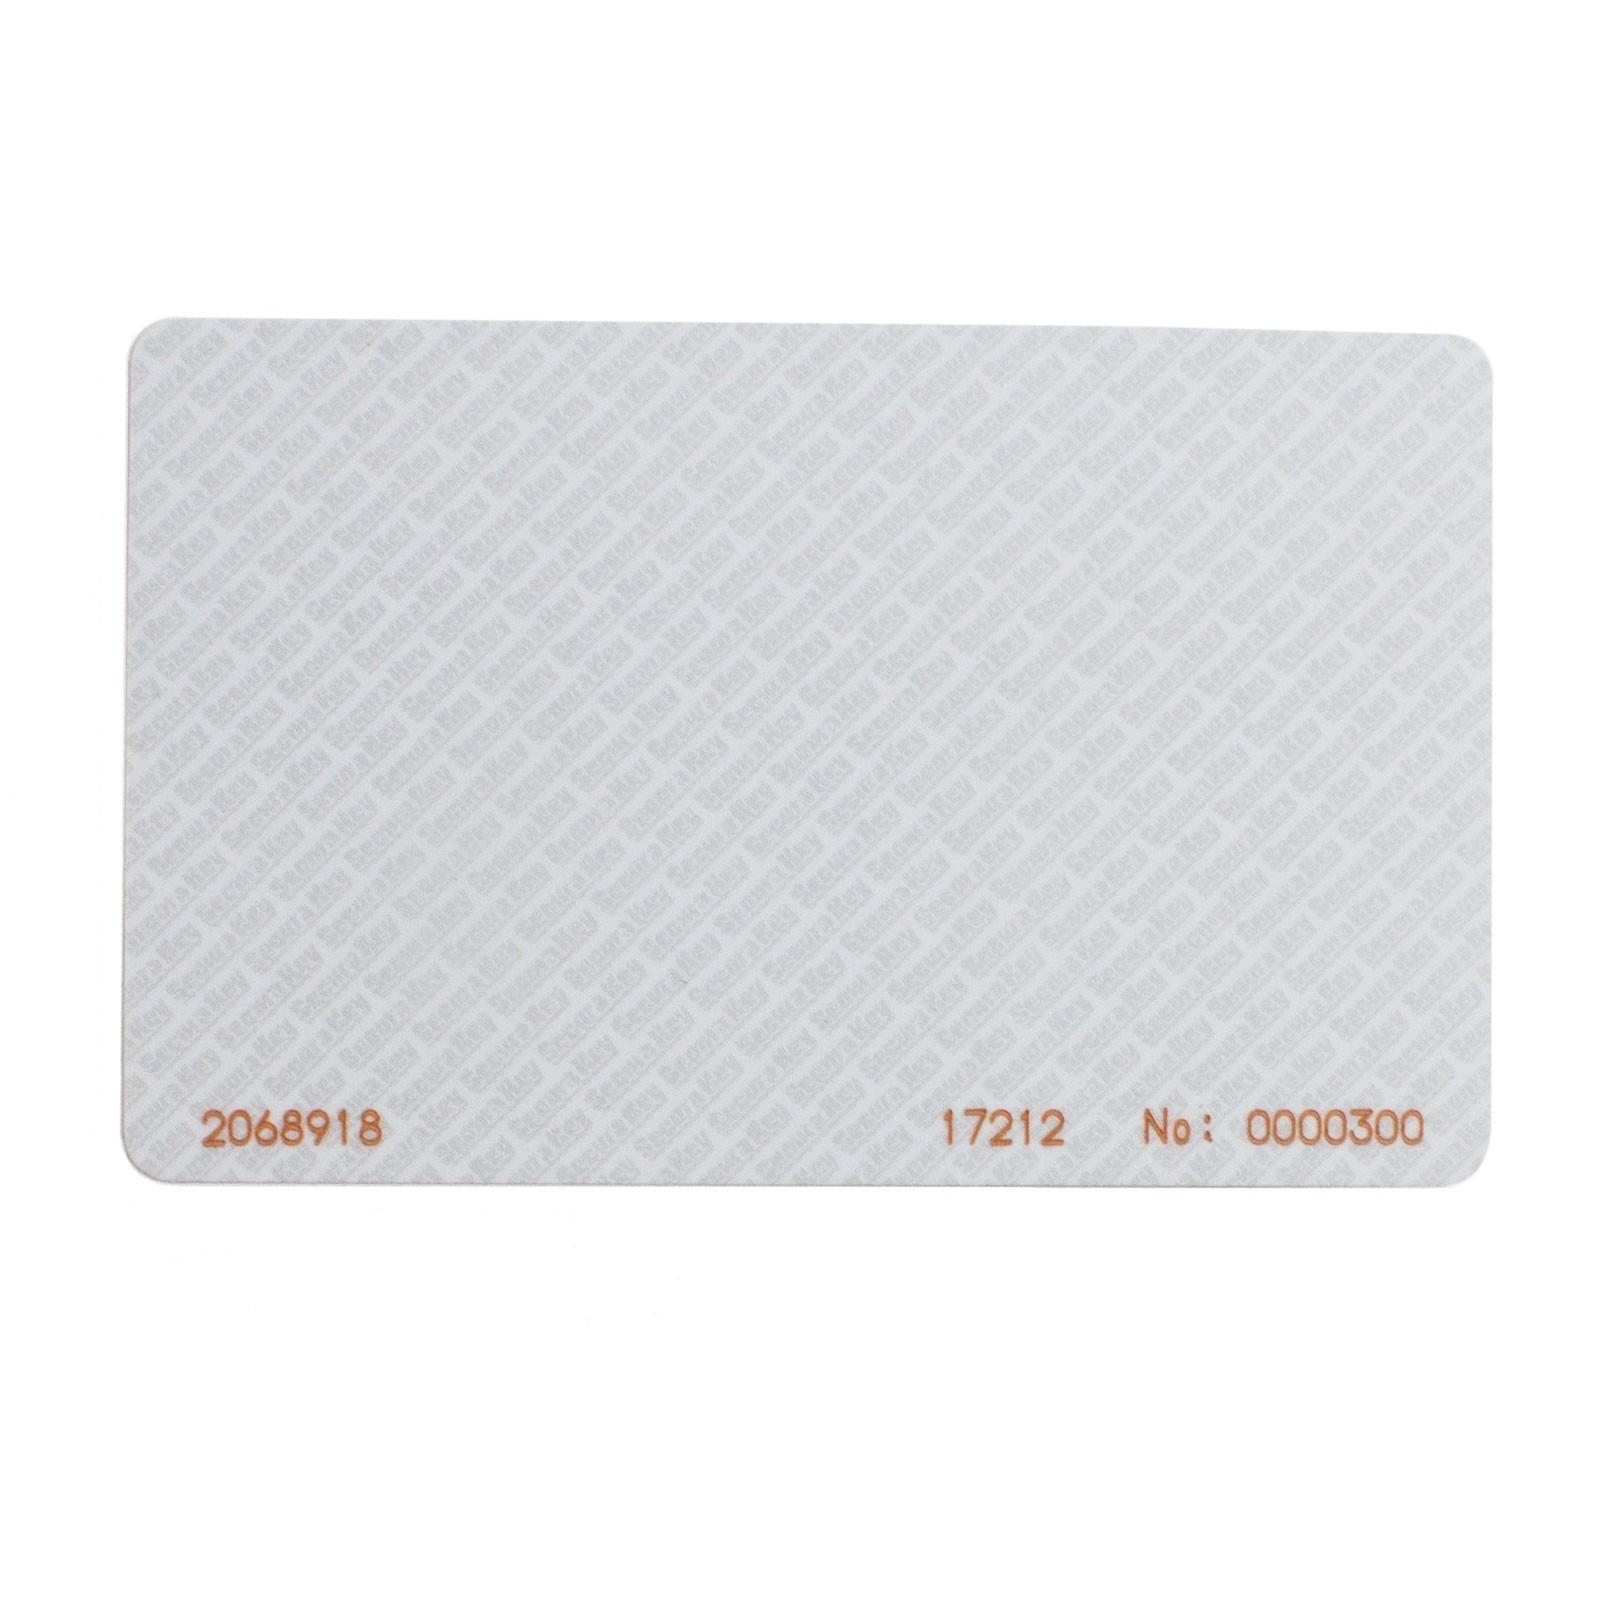 Secura Card Key Wiring Diagram Skc 06 Barium Ferrite Sequential